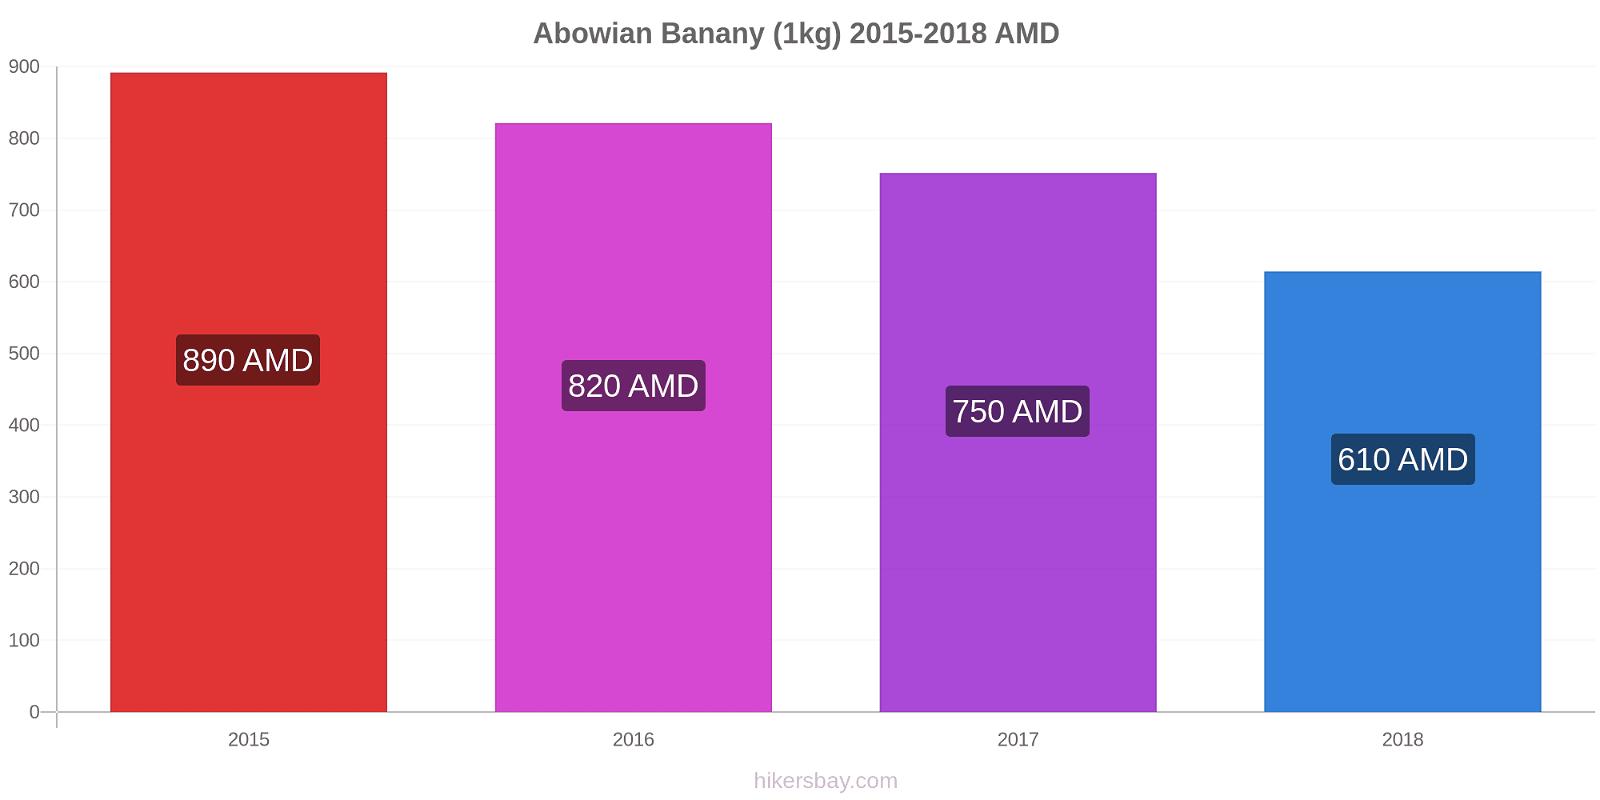 Abowian zmiany cen Banany (1kg) hikersbay.com